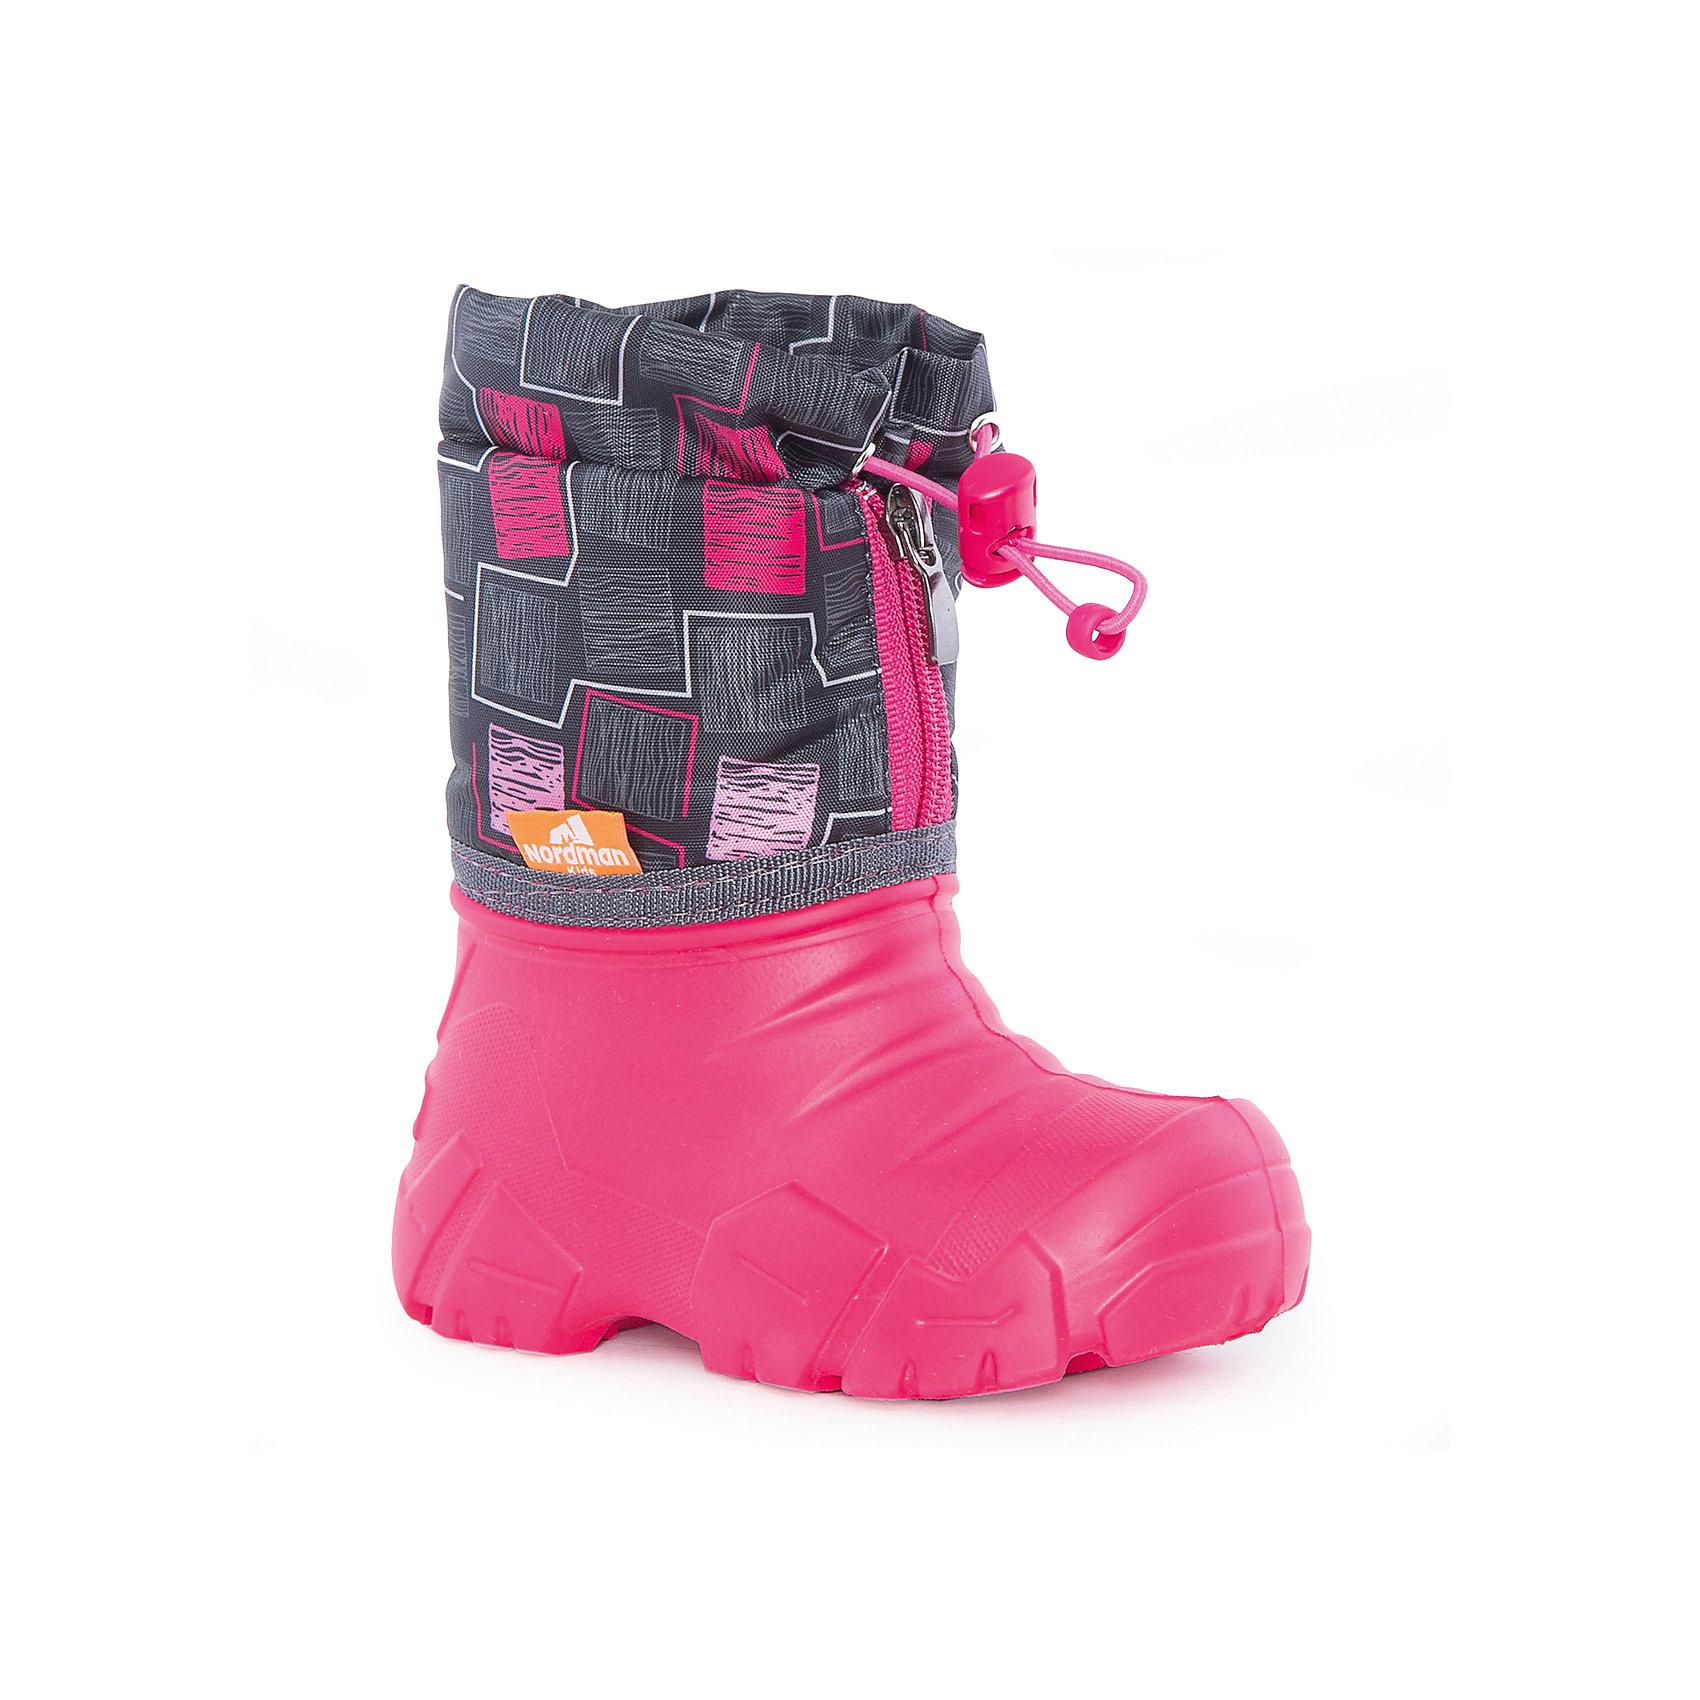 Сапоги для девочки NordmanХарактеристики товара:<br><br>• цвет: розовый<br>• материал верха: текстиль<br>• материал подкладки: шерстяной мех<br>• материал подошвы: ЭВА<br>• подошва не скользит<br>• застежка: молния<br>• температурный режим: от -10° до +10° С<br>• верх с водоотталкивающей пропиткой<br>• толстая устойчивая подошва<br>• низ не промокает<br>• страна бренда: Российская Федерация<br>• страна изготовитель: Российская Федерация<br><br>При выборе демисезонной и зимней обуви для ребенка необходимо убедиться, что она удобная и теплая. Такие сапожки обеспечат детям комфорт даже в мороз, а непромокающая нижняя часть  оставит ножки в сухости. Сапожки легко снимаются и надеваются, хорошо сидят на ноге. Внутри - специальная теплая подкладка, с которой холода не страшны!<br>Обувь от бренда Nordman - это качественные российские товары, произведенные с применением как натуральных, так и высокотехнологичных материалов. Обувь выделяется стильным дизайном и проработанными деталями. Полностью адаптирована под российскую погоду! Изделие производится из качественных и проверенных материалов, которые безопасны для детей.<br><br>Сапоги для девочки от бренда Nordman можно купить в нашем интернет-магазине.<br><br>Ширина мм: 257<br>Глубина мм: 180<br>Высота мм: 130<br>Вес г: 420<br>Цвет: розовый<br>Возраст от месяцев: 18<br>Возраст до месяцев: 21<br>Пол: Женский<br>Возраст: Детский<br>Размер: 22/23,34/35,32/33,30/31,28/29,26/27,24/25<br>SKU: 5219830